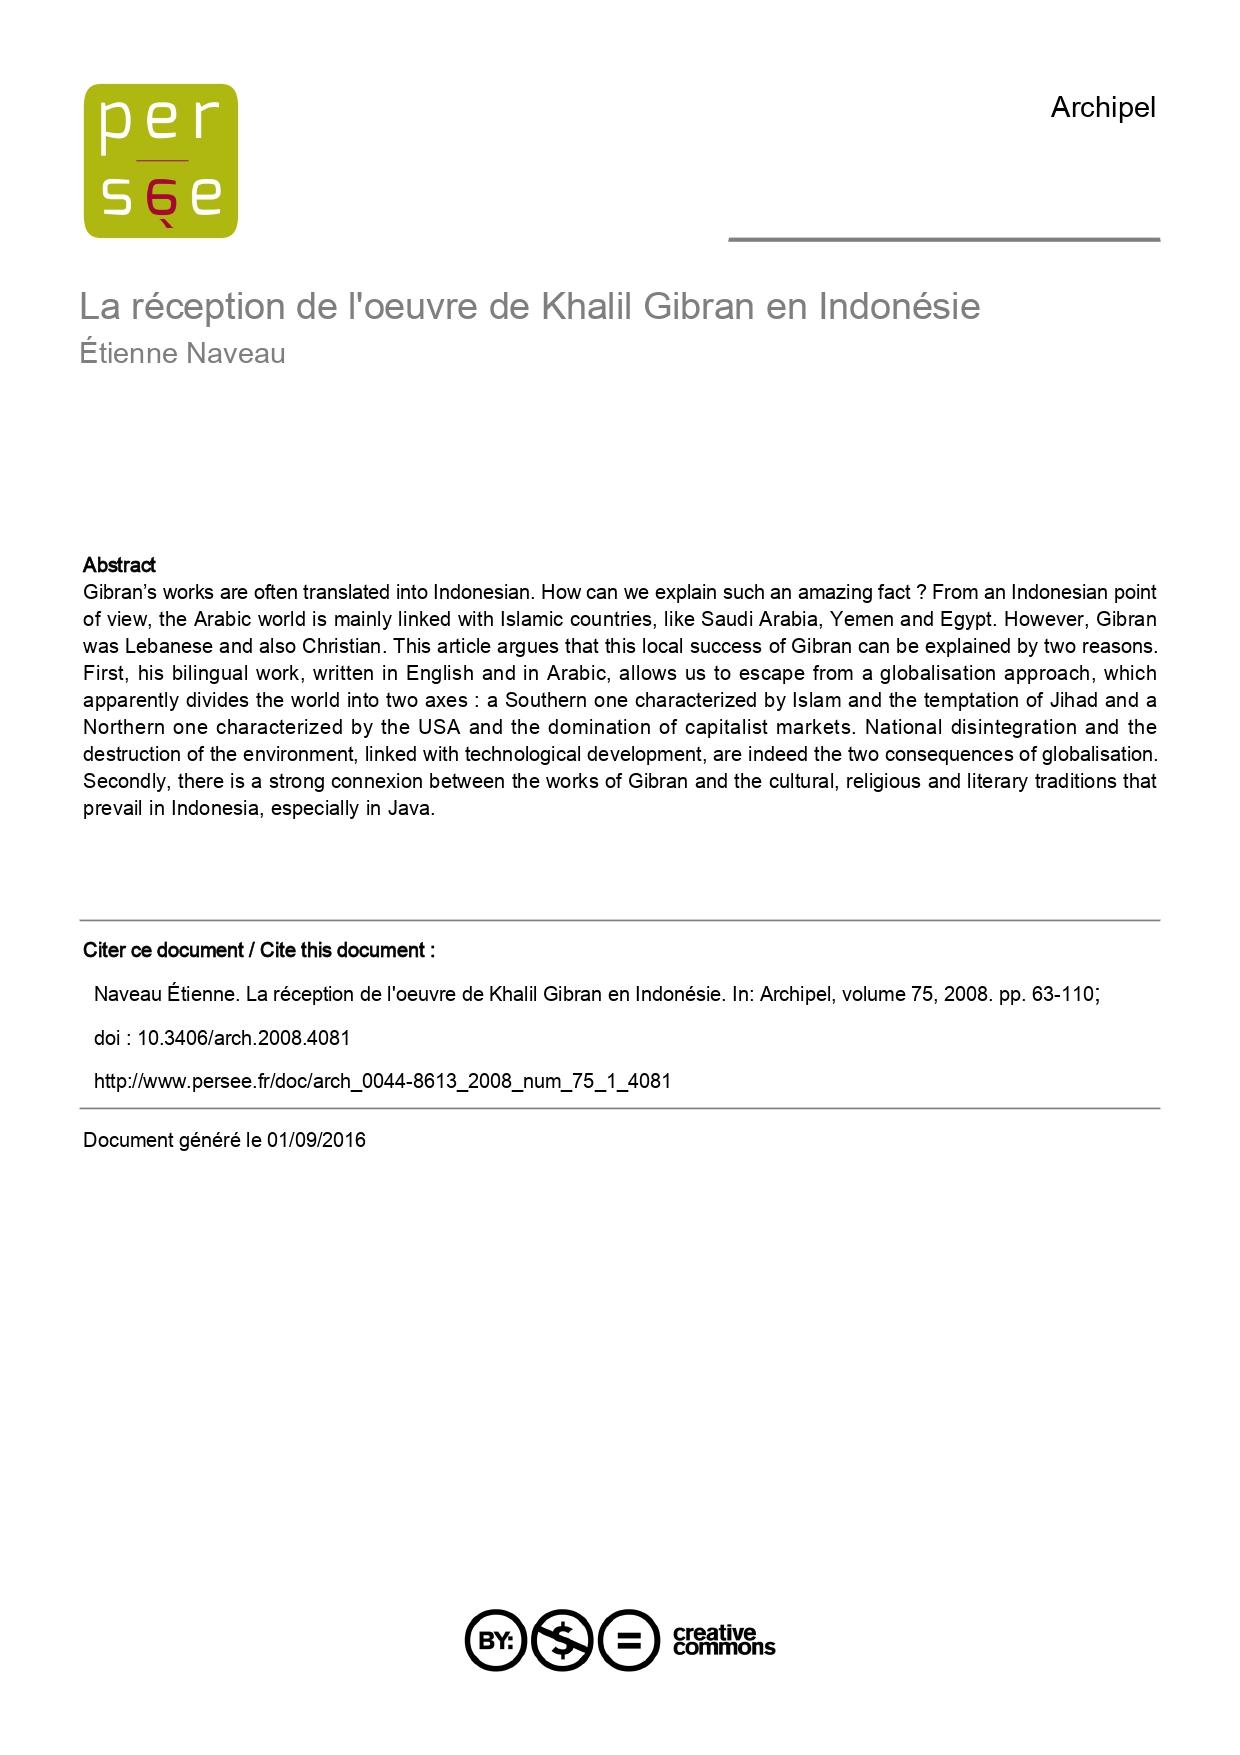 """Étienne Naveau, """"La réception de l'œuvre de Khalil Gibran en Indonésie"""", Archipel 75, Paris, 2008, pp. 63-110."""